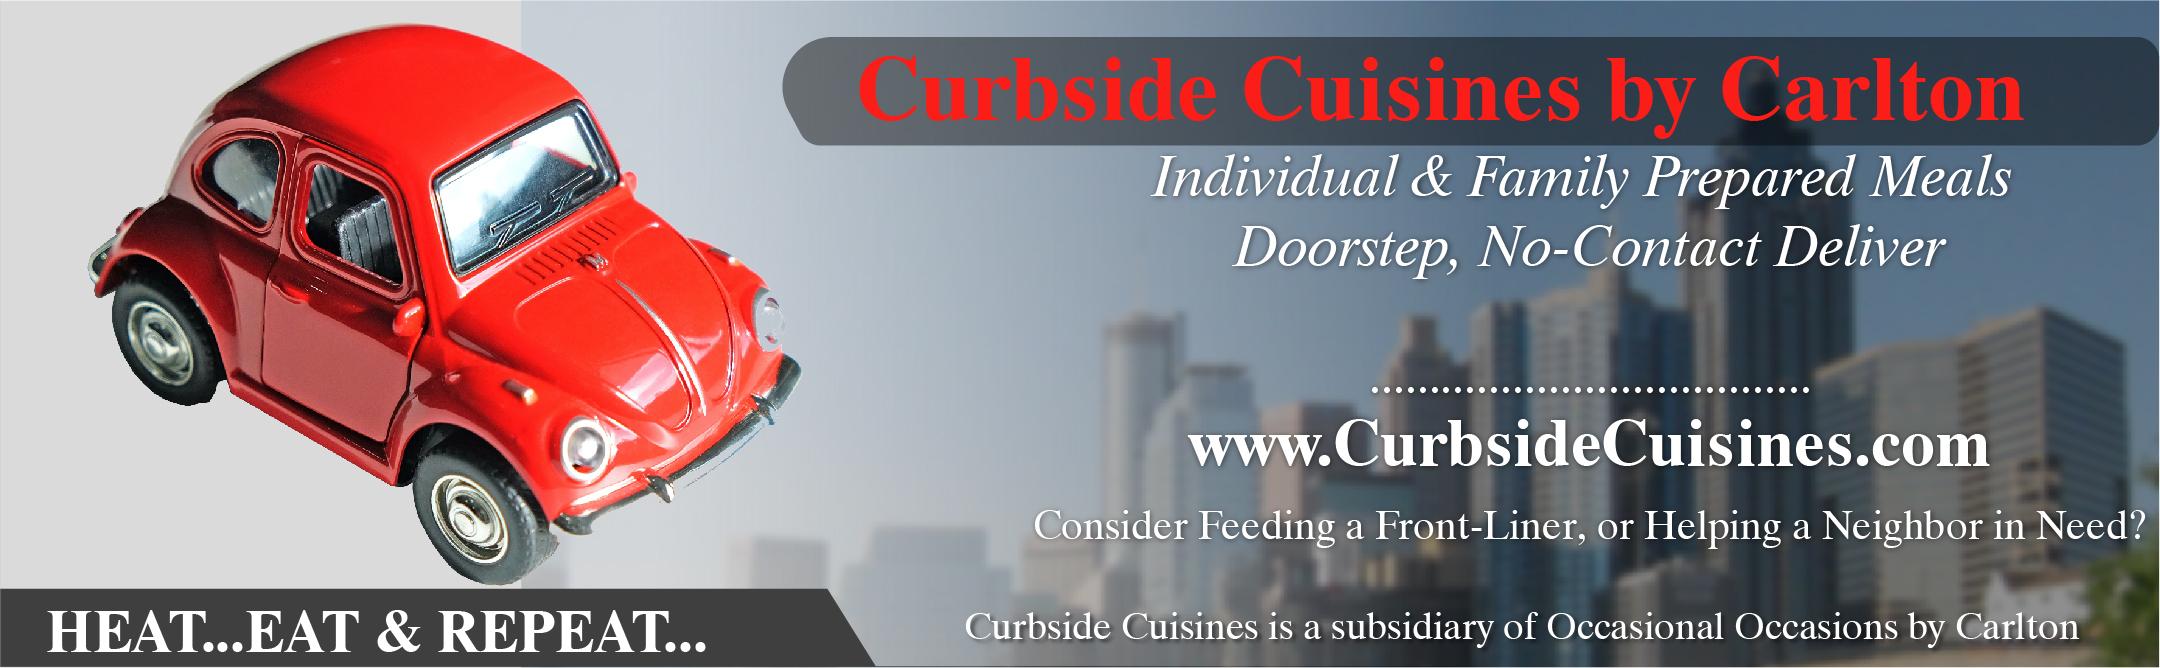 Curbside Cuisine